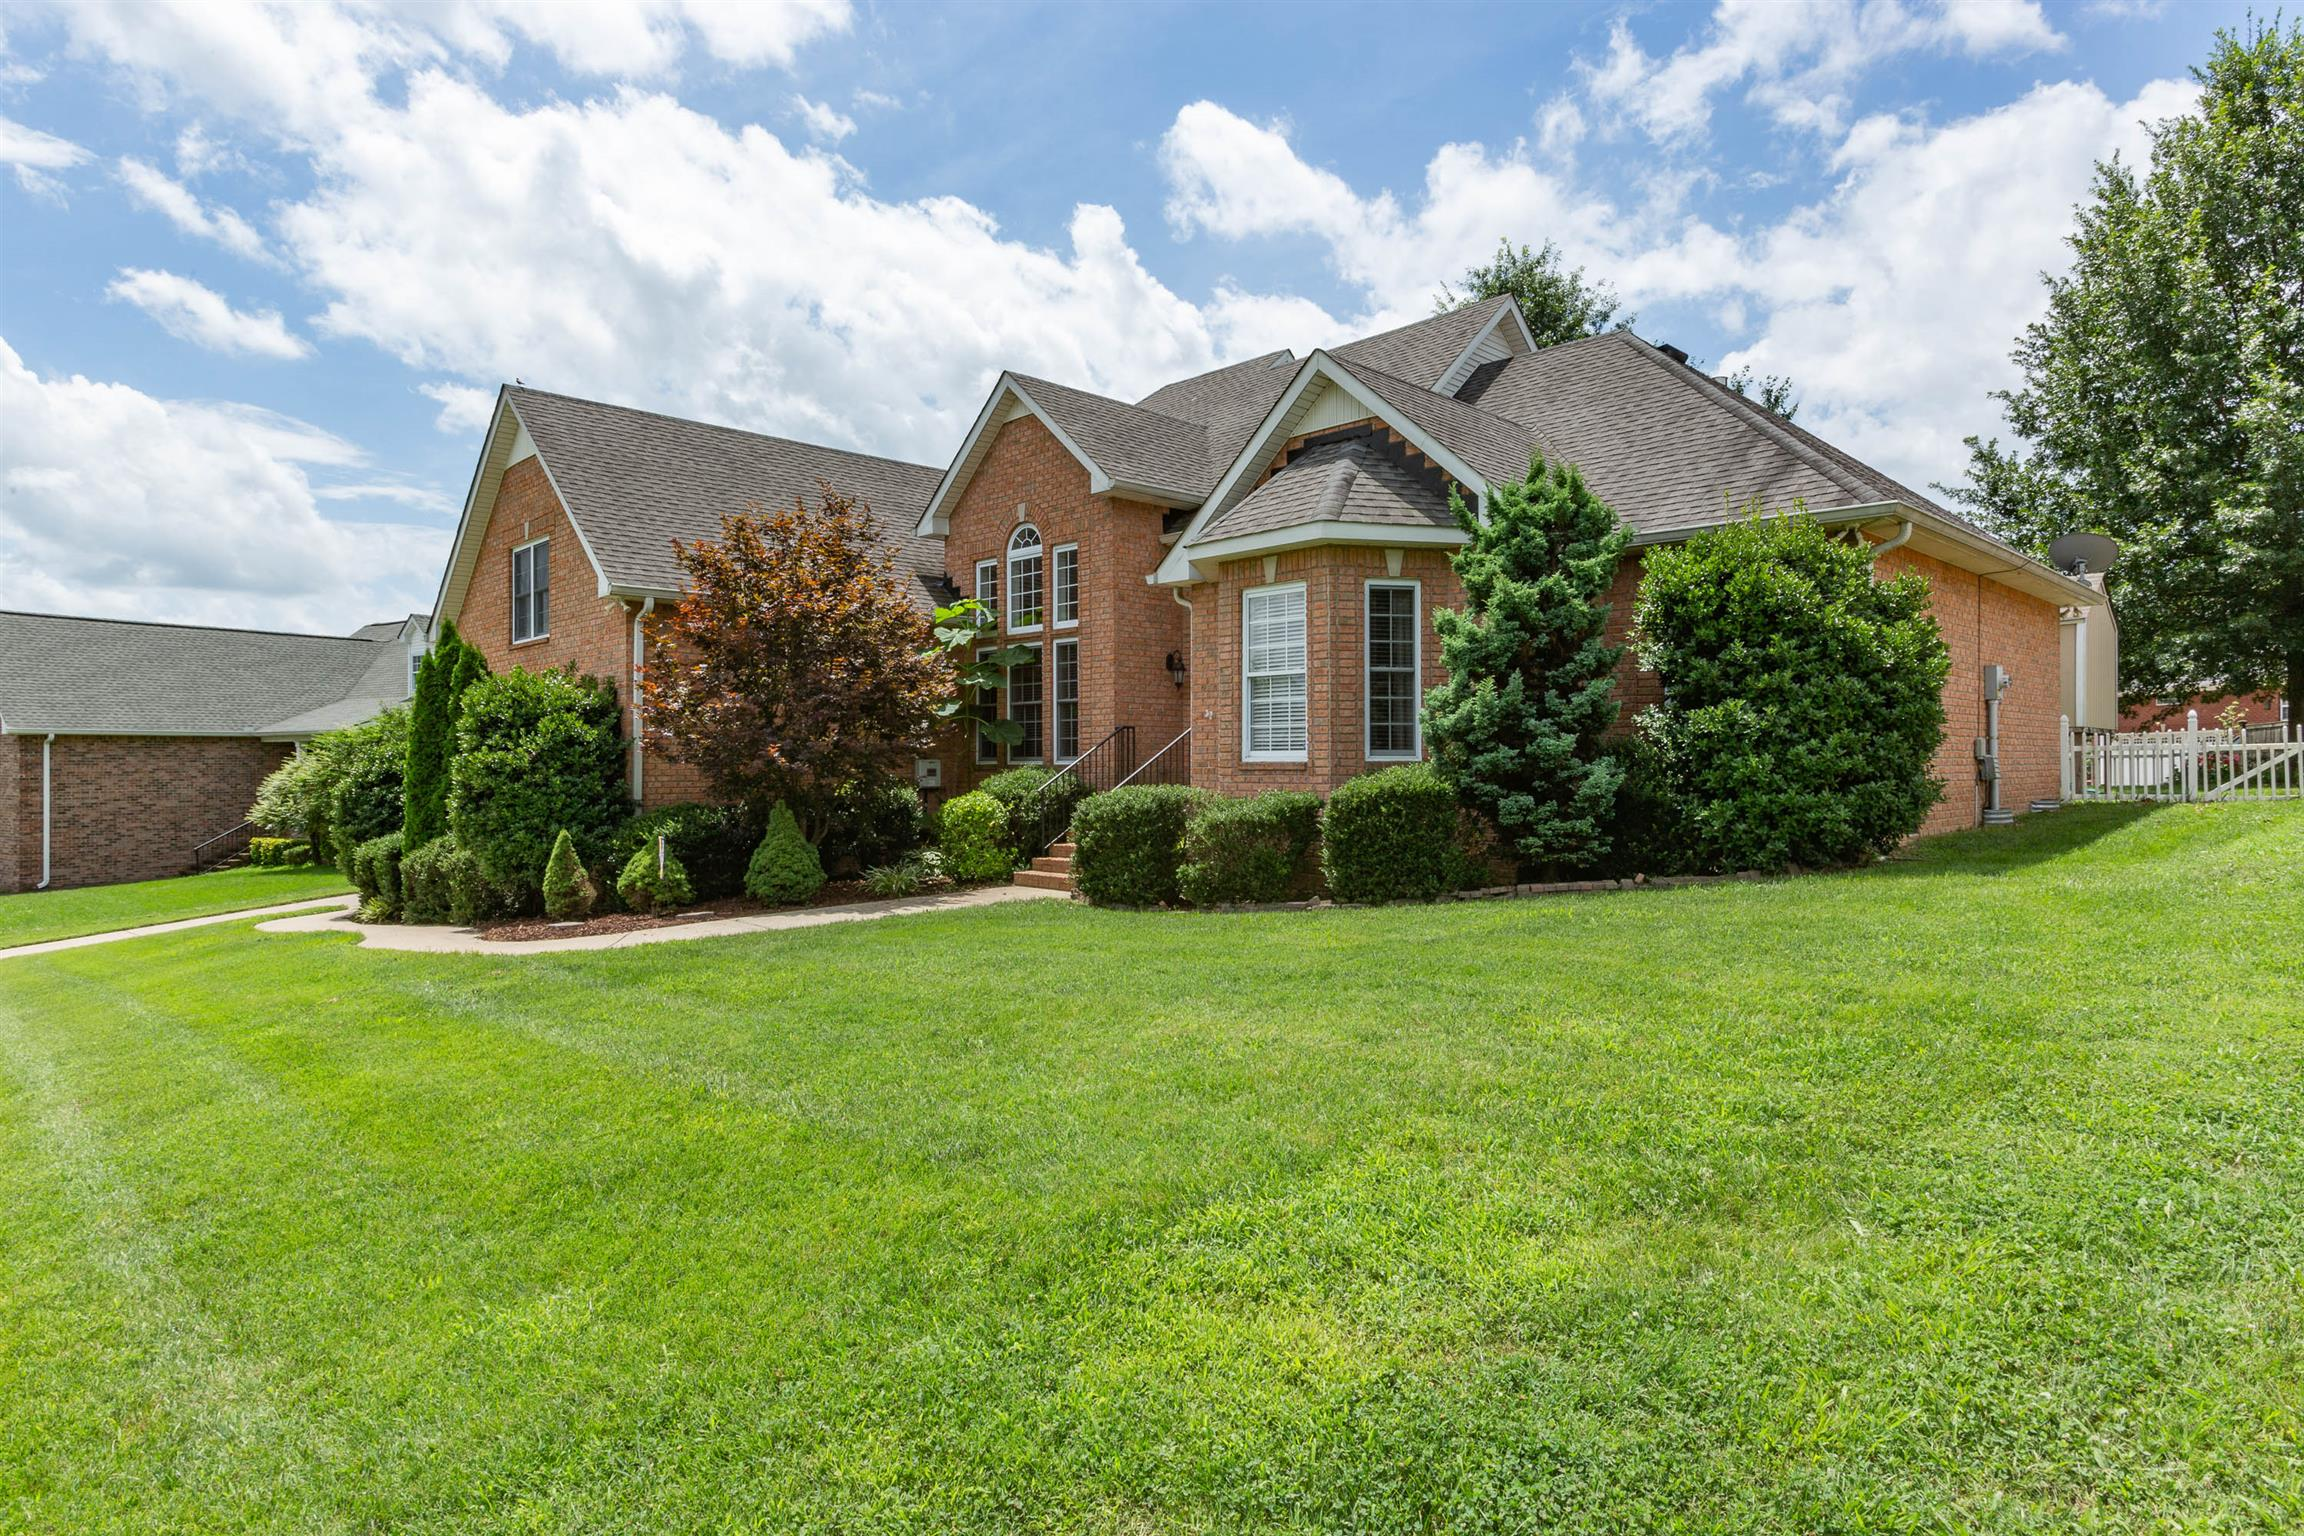 107 Cobblestone Ct, White House, TN 37188 - White House, TN real estate listing